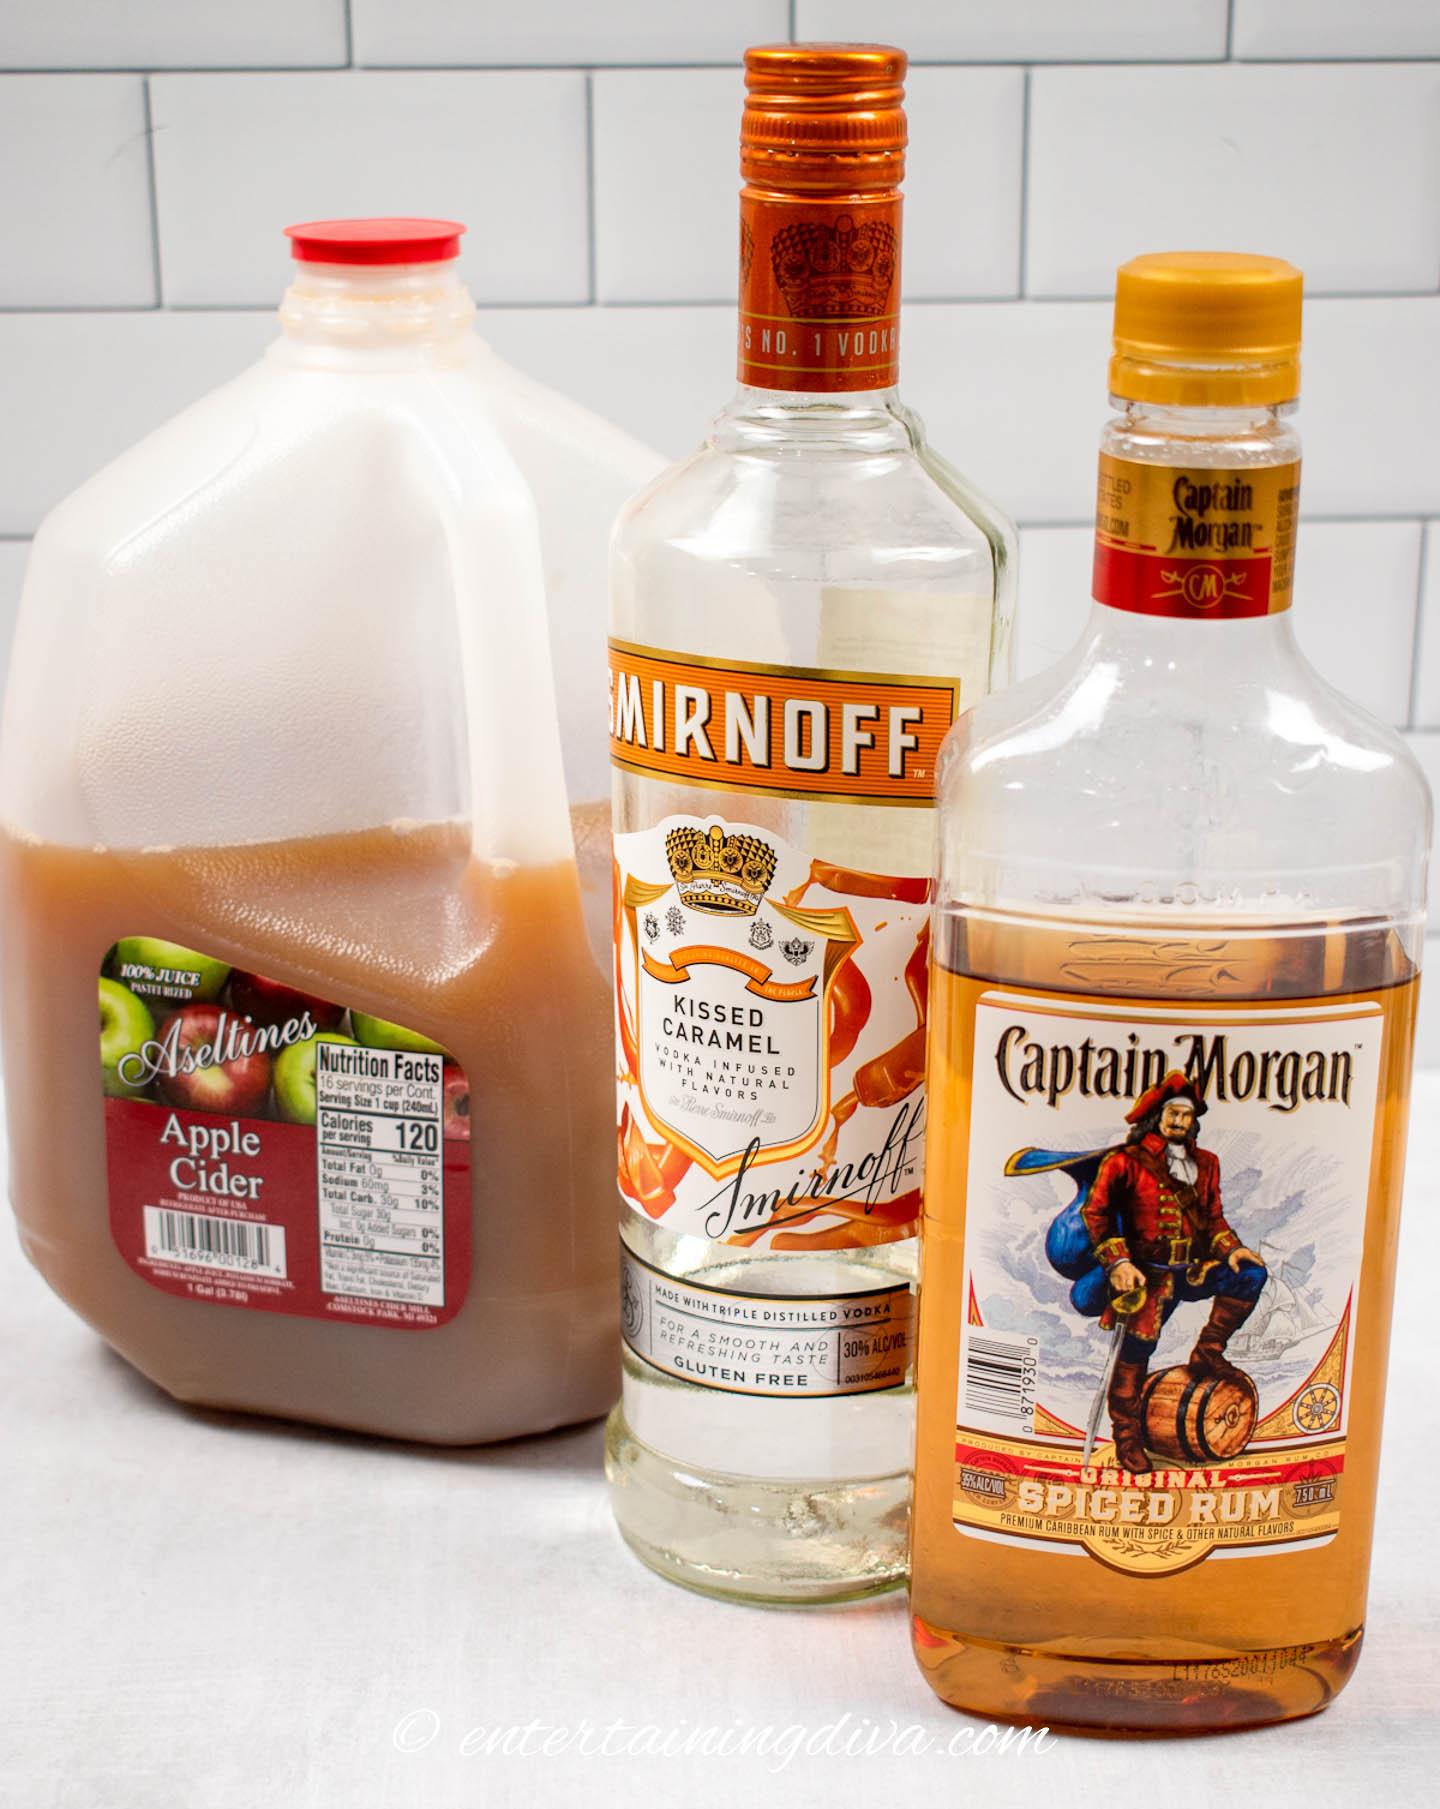 spiked caramel apple cider ingredients: apple cider, caramel vodka and spiced rum